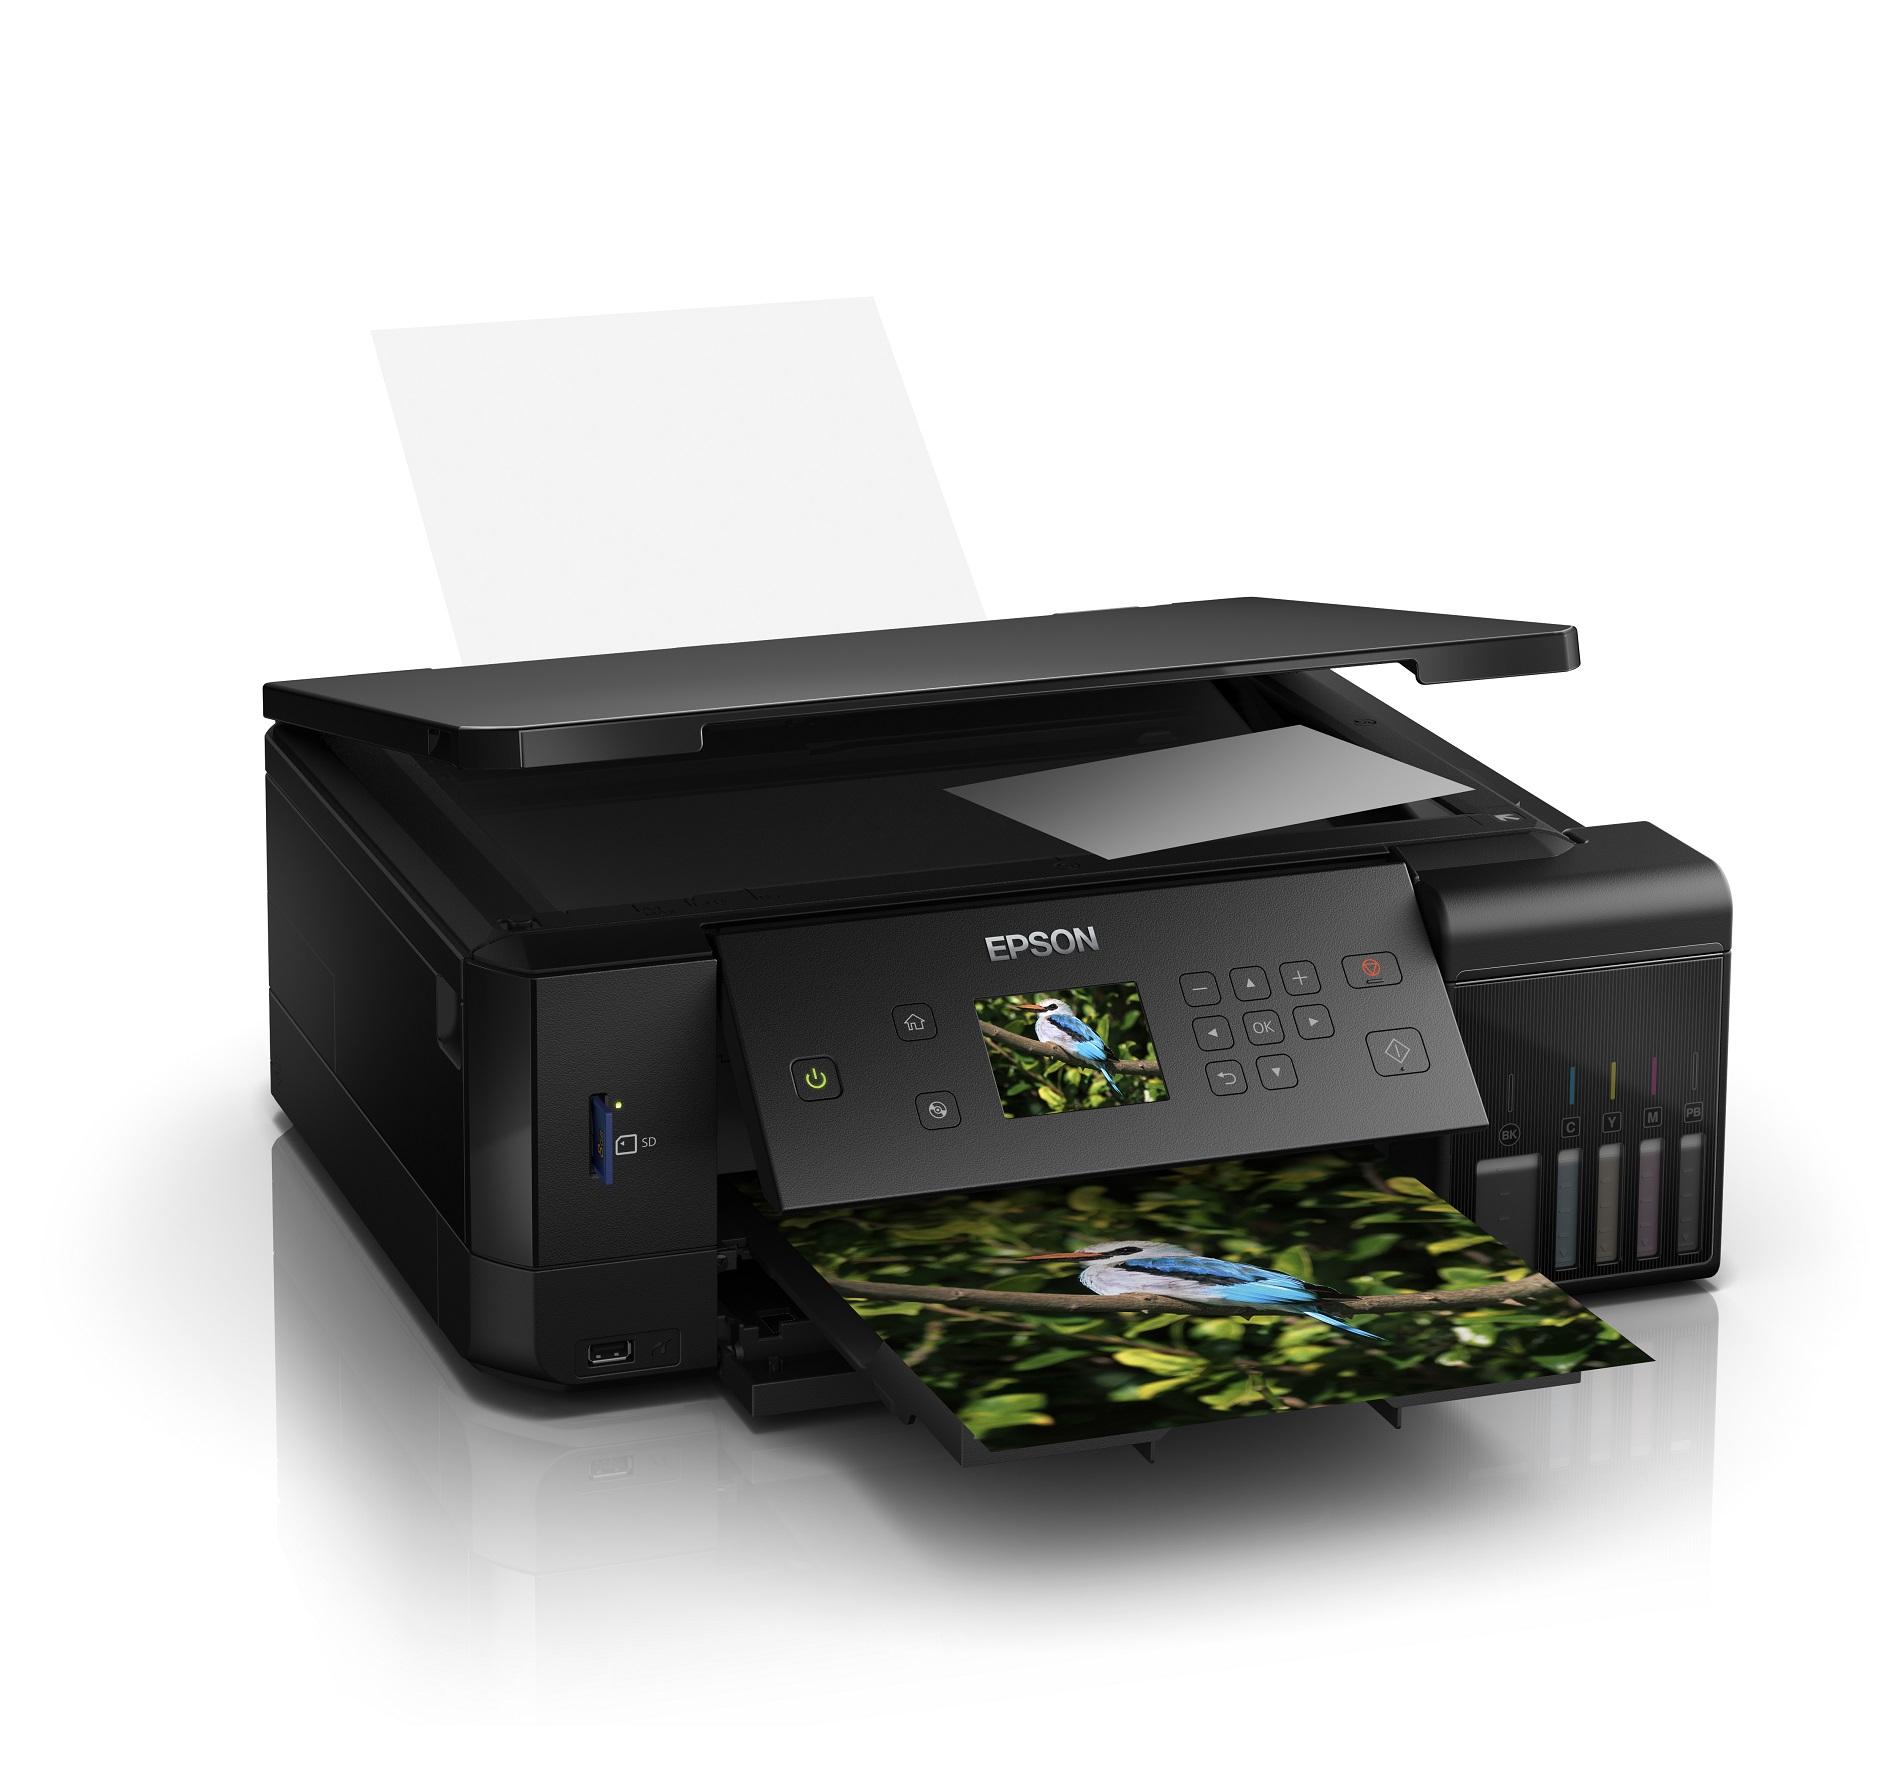 Noile imprimante foto cu 5 culori din gama Epson EcoTank